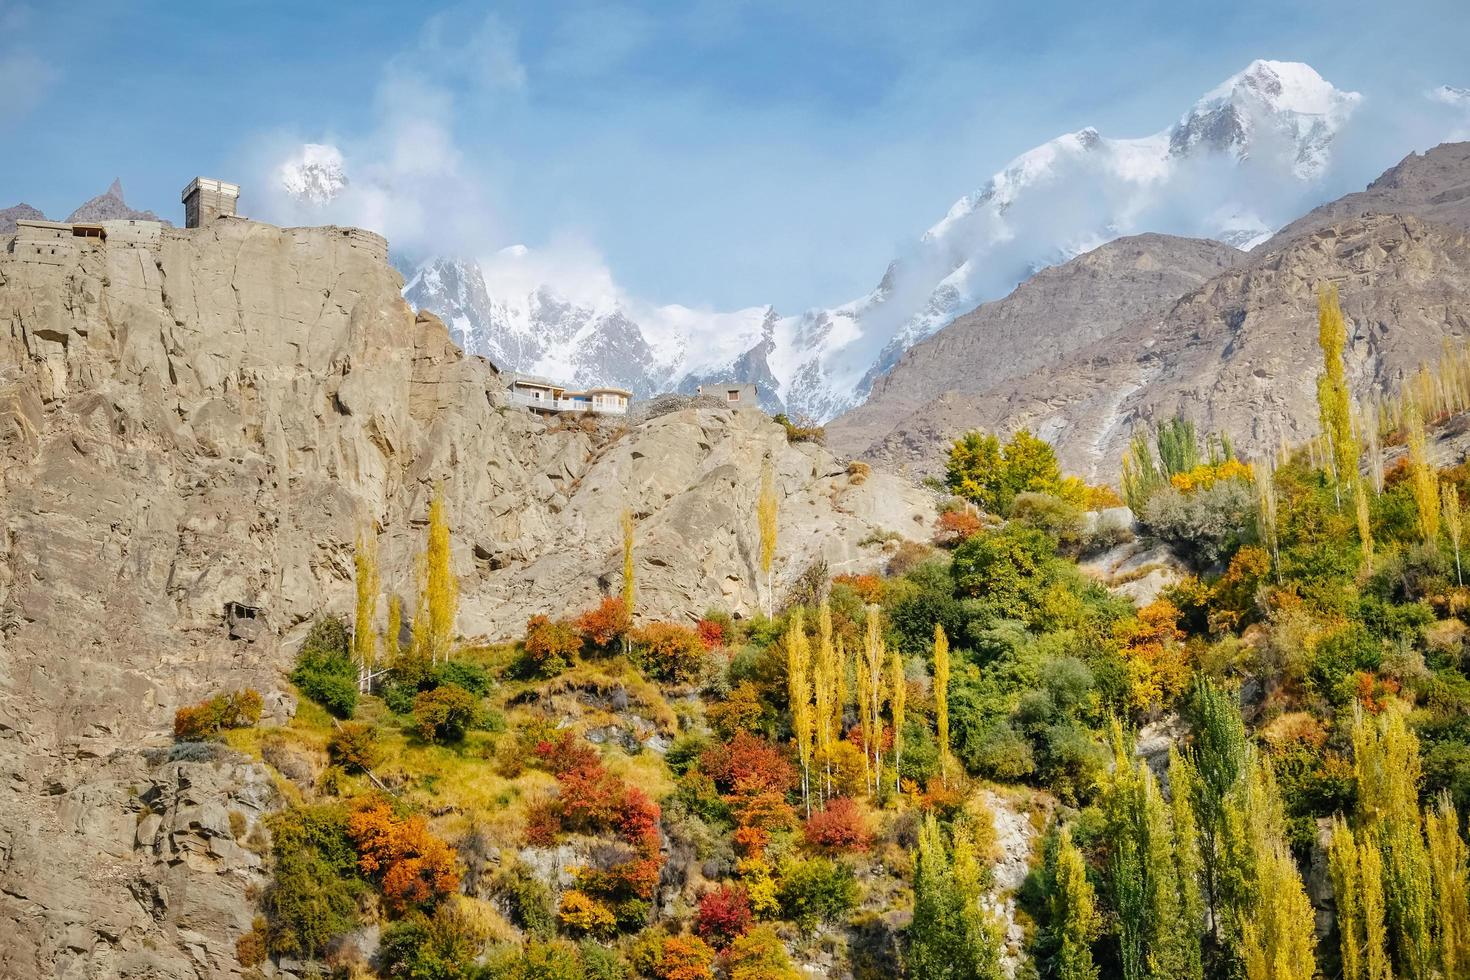 feuillage coloré dans les montagnes du karakoram photo